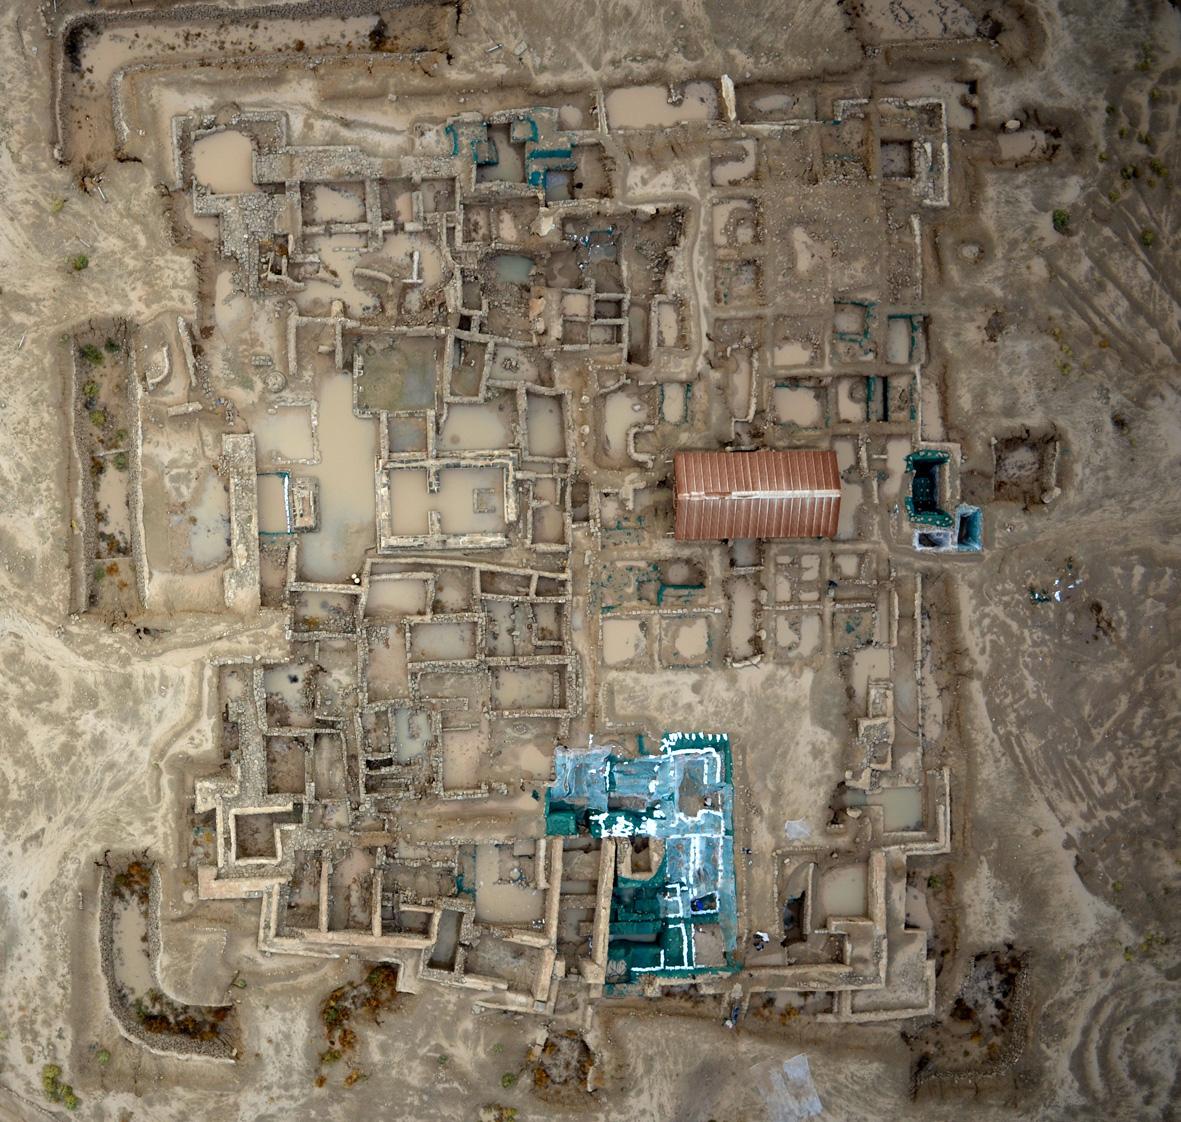 Fig. 1 La forteresse hellénistique de Faïlaka en 2013 après de fortes pluies : forts ruissellements, stagnation d'eau engendrant de la future végétation et des effondrements (H. Al Mutairi, DAMK 2013).